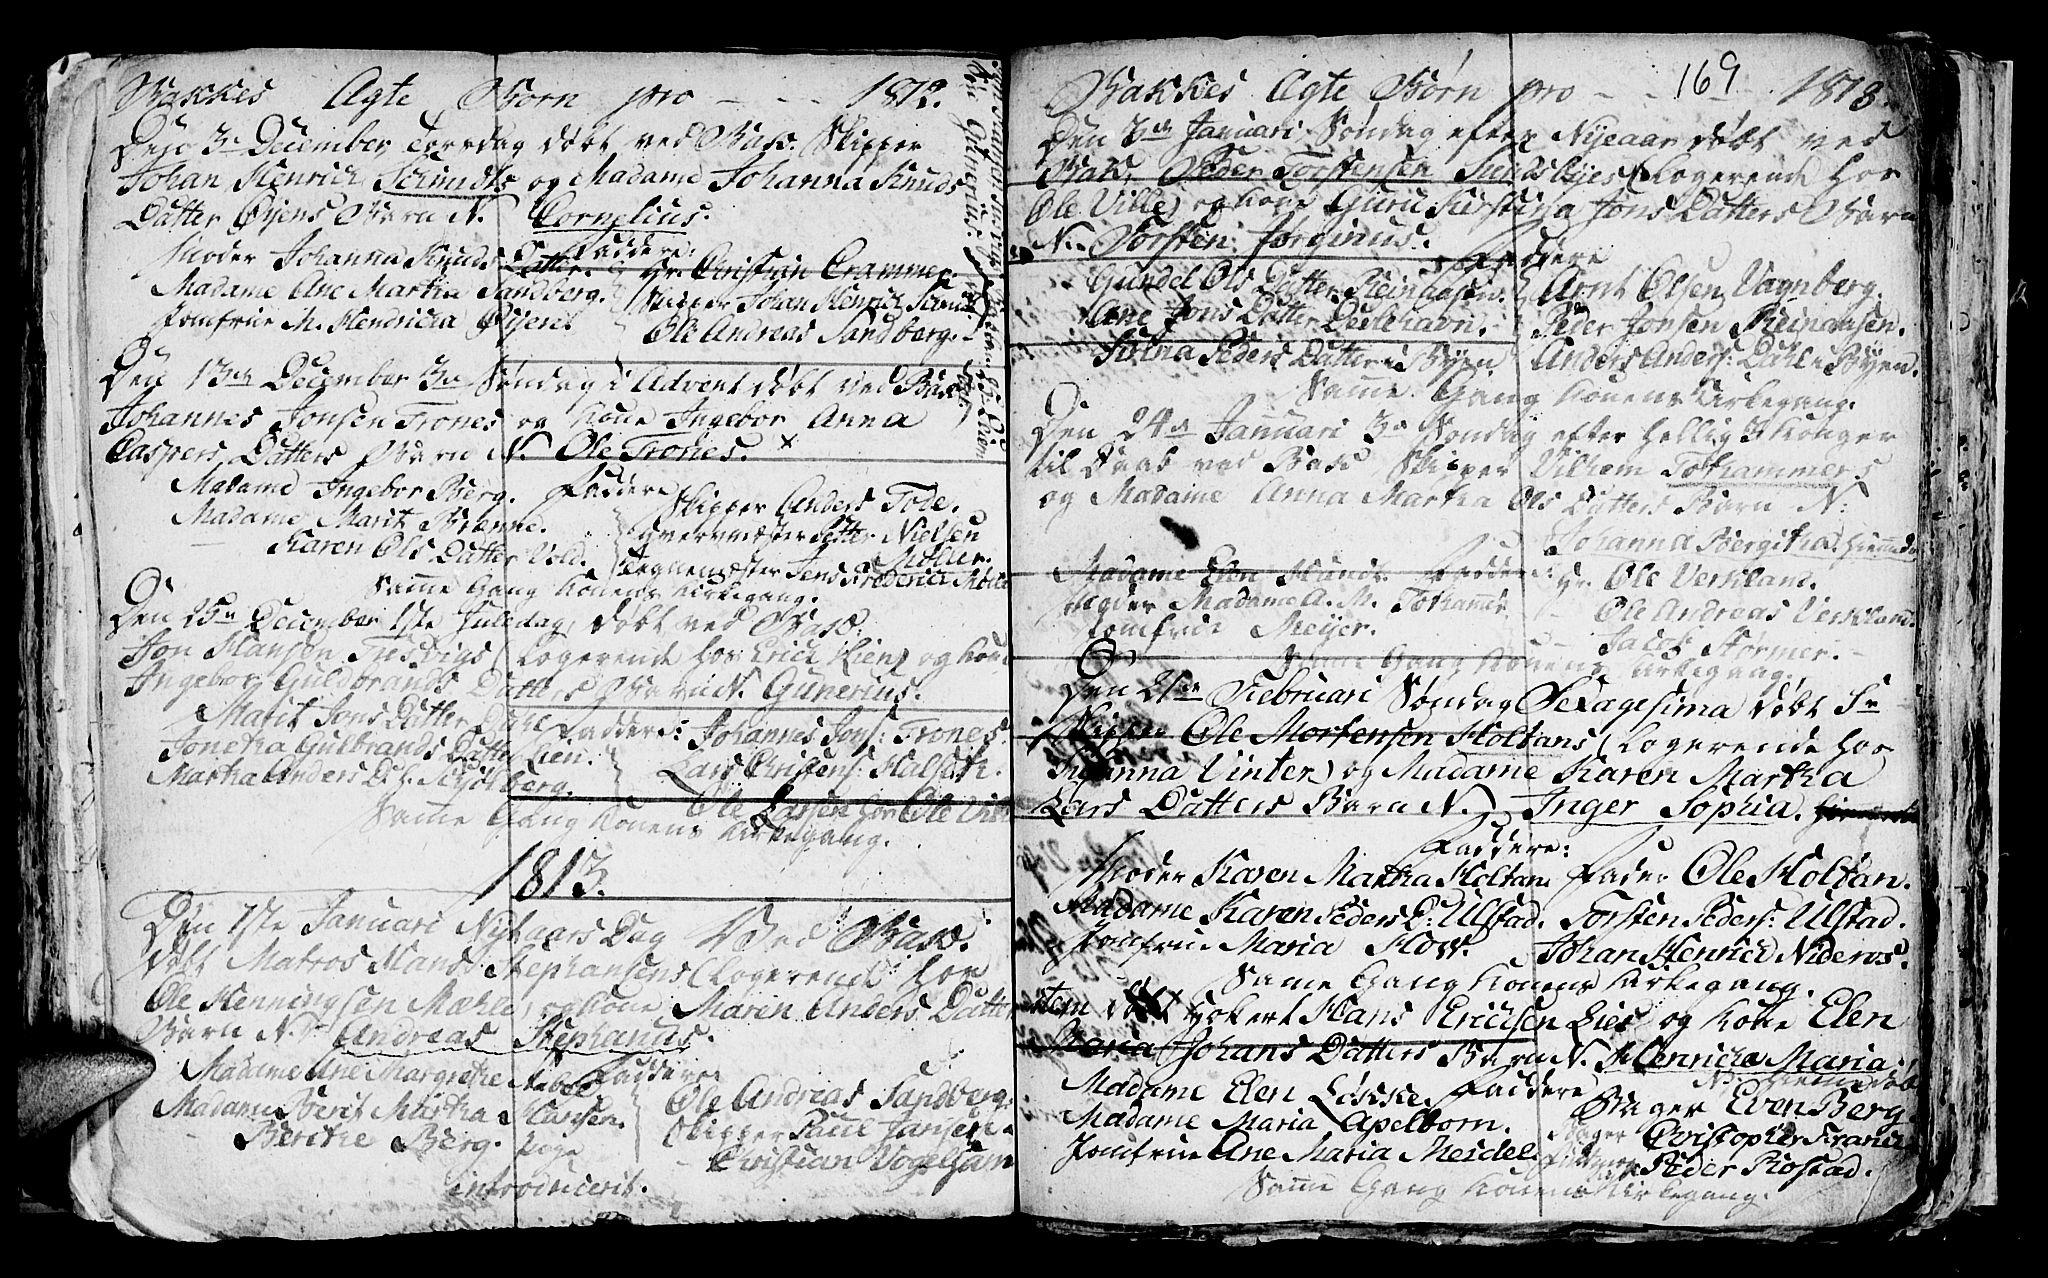 SAT, Ministerialprotokoller, klokkerbøker og fødselsregistre - Sør-Trøndelag, 604/L0218: Klokkerbok nr. 604C01, 1754-1819, s. 169